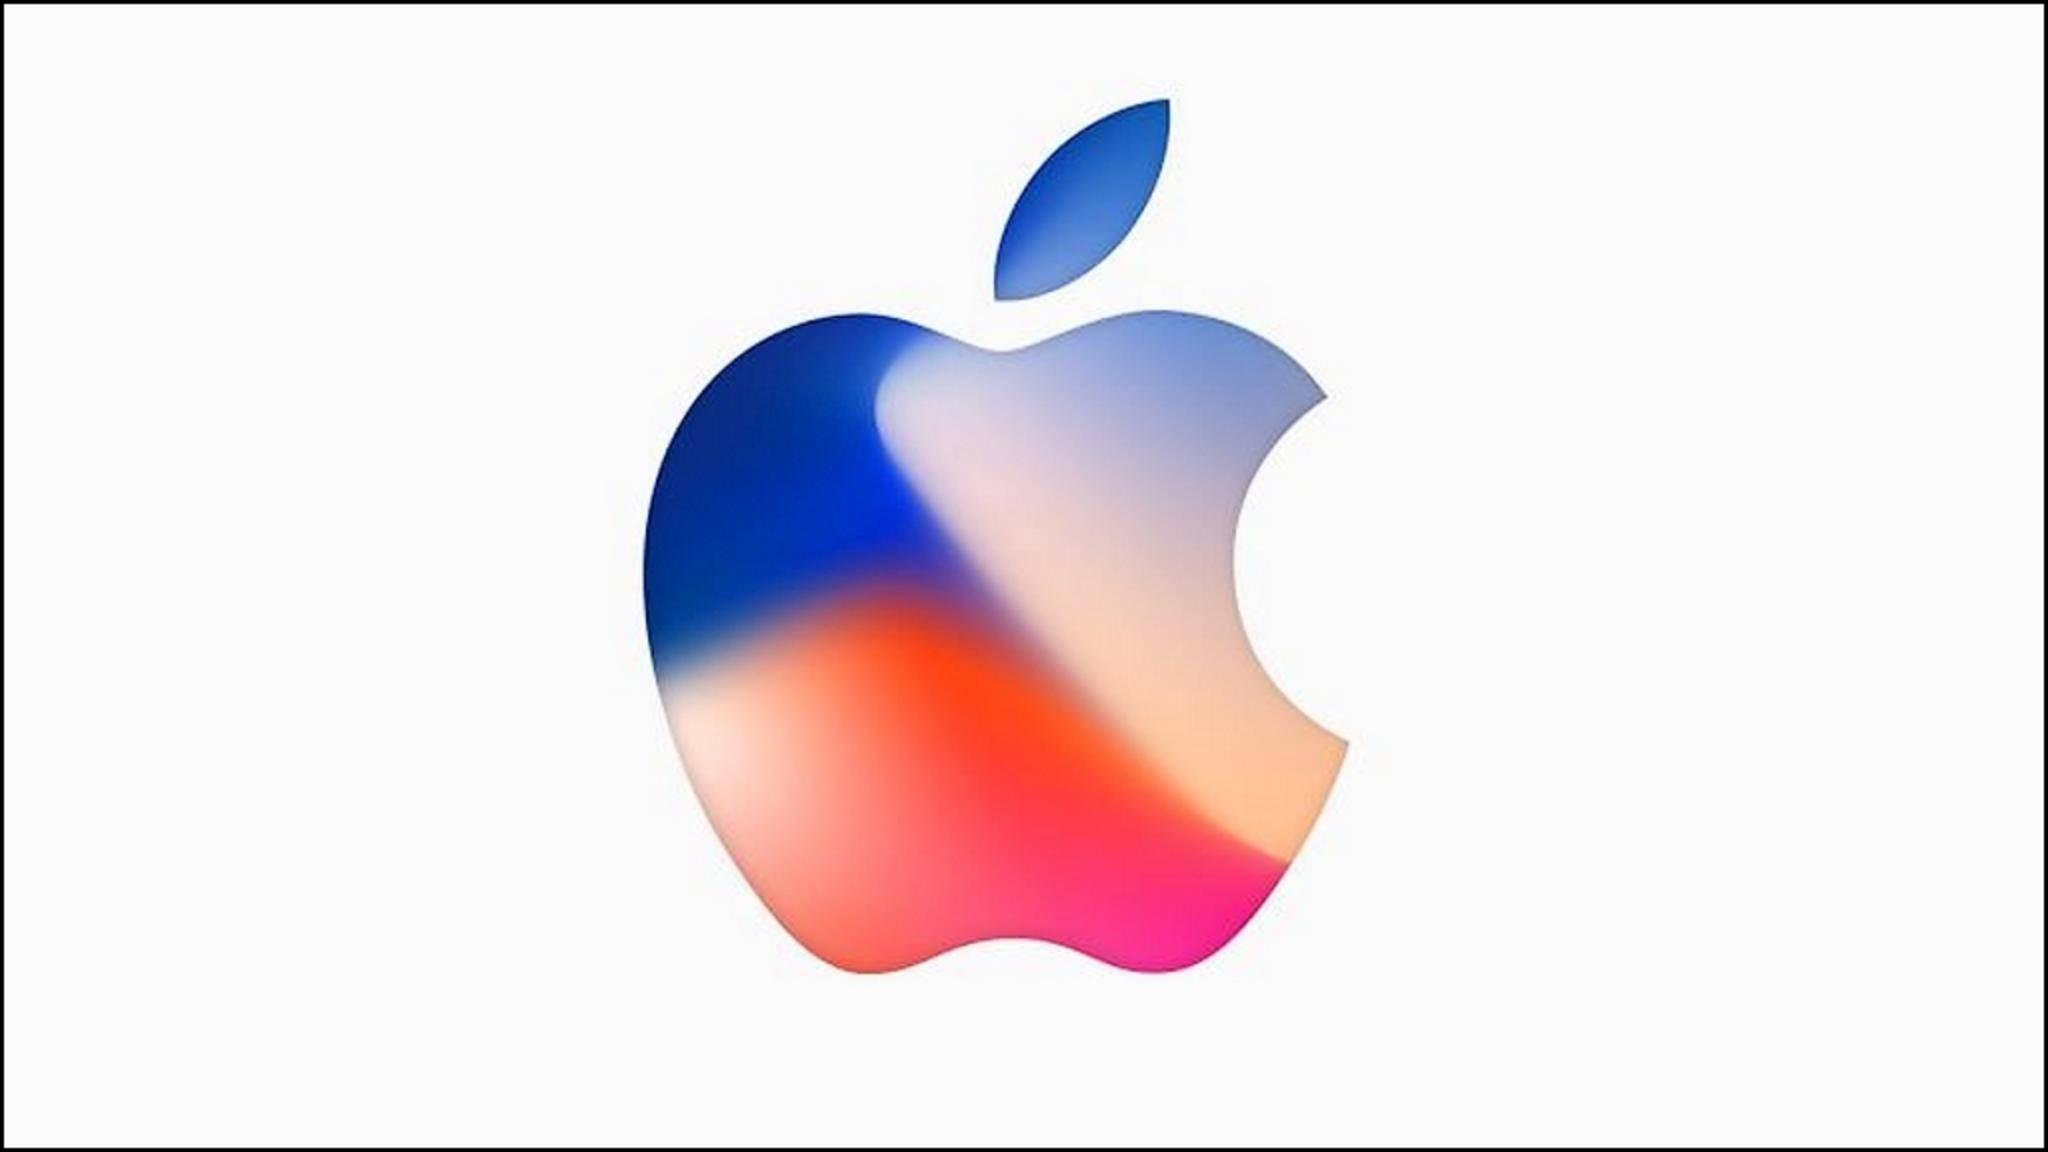 Der Firmenname von Apple entstand eher per Zufall.